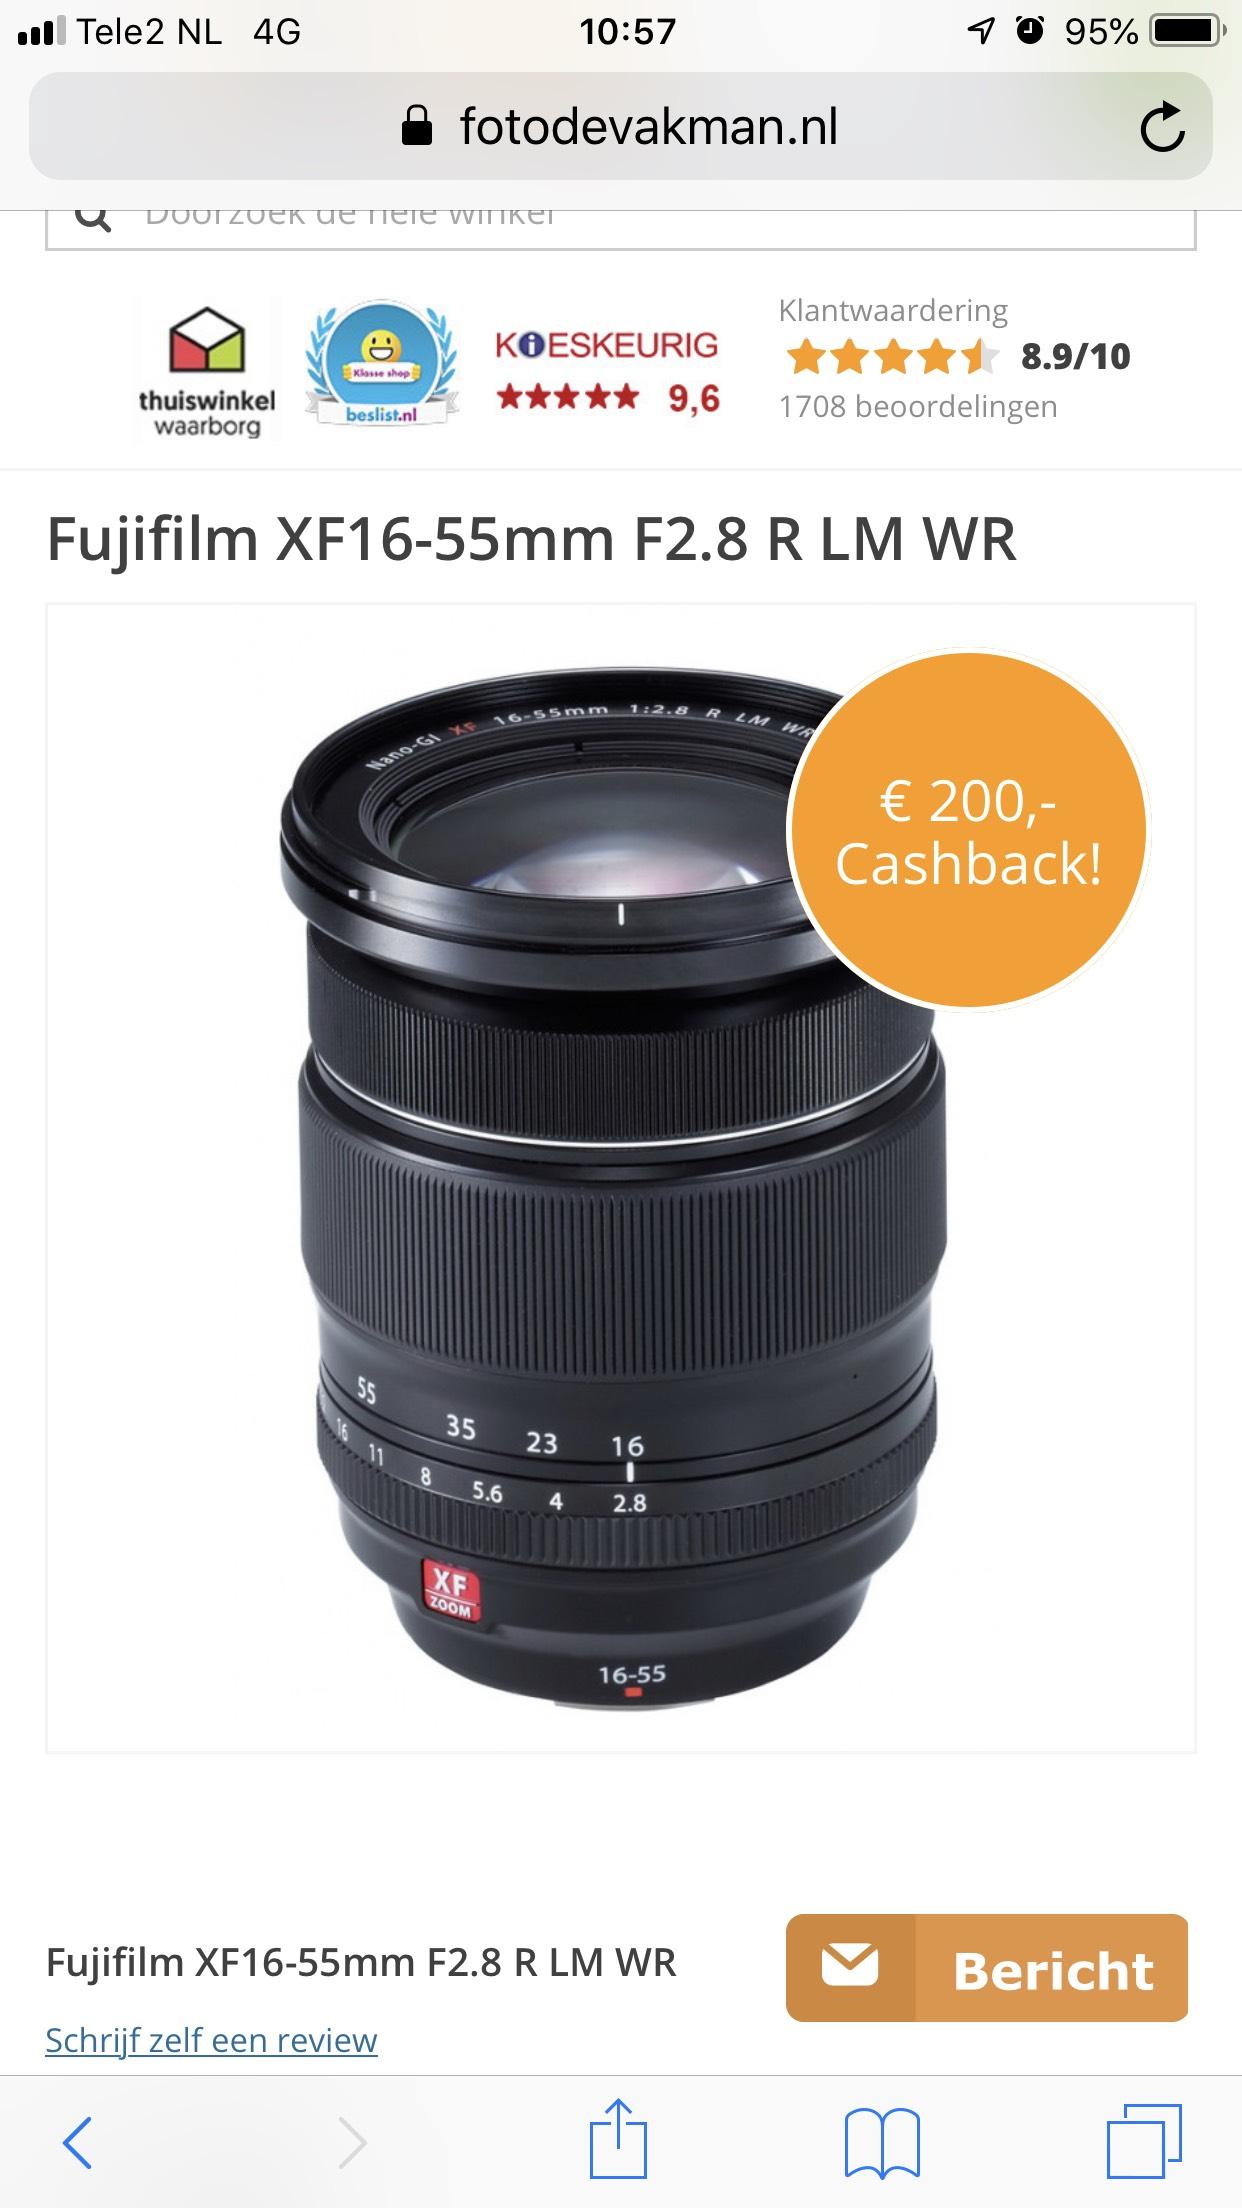 Fujifilm XF16-55mm F2.8 R LM WR